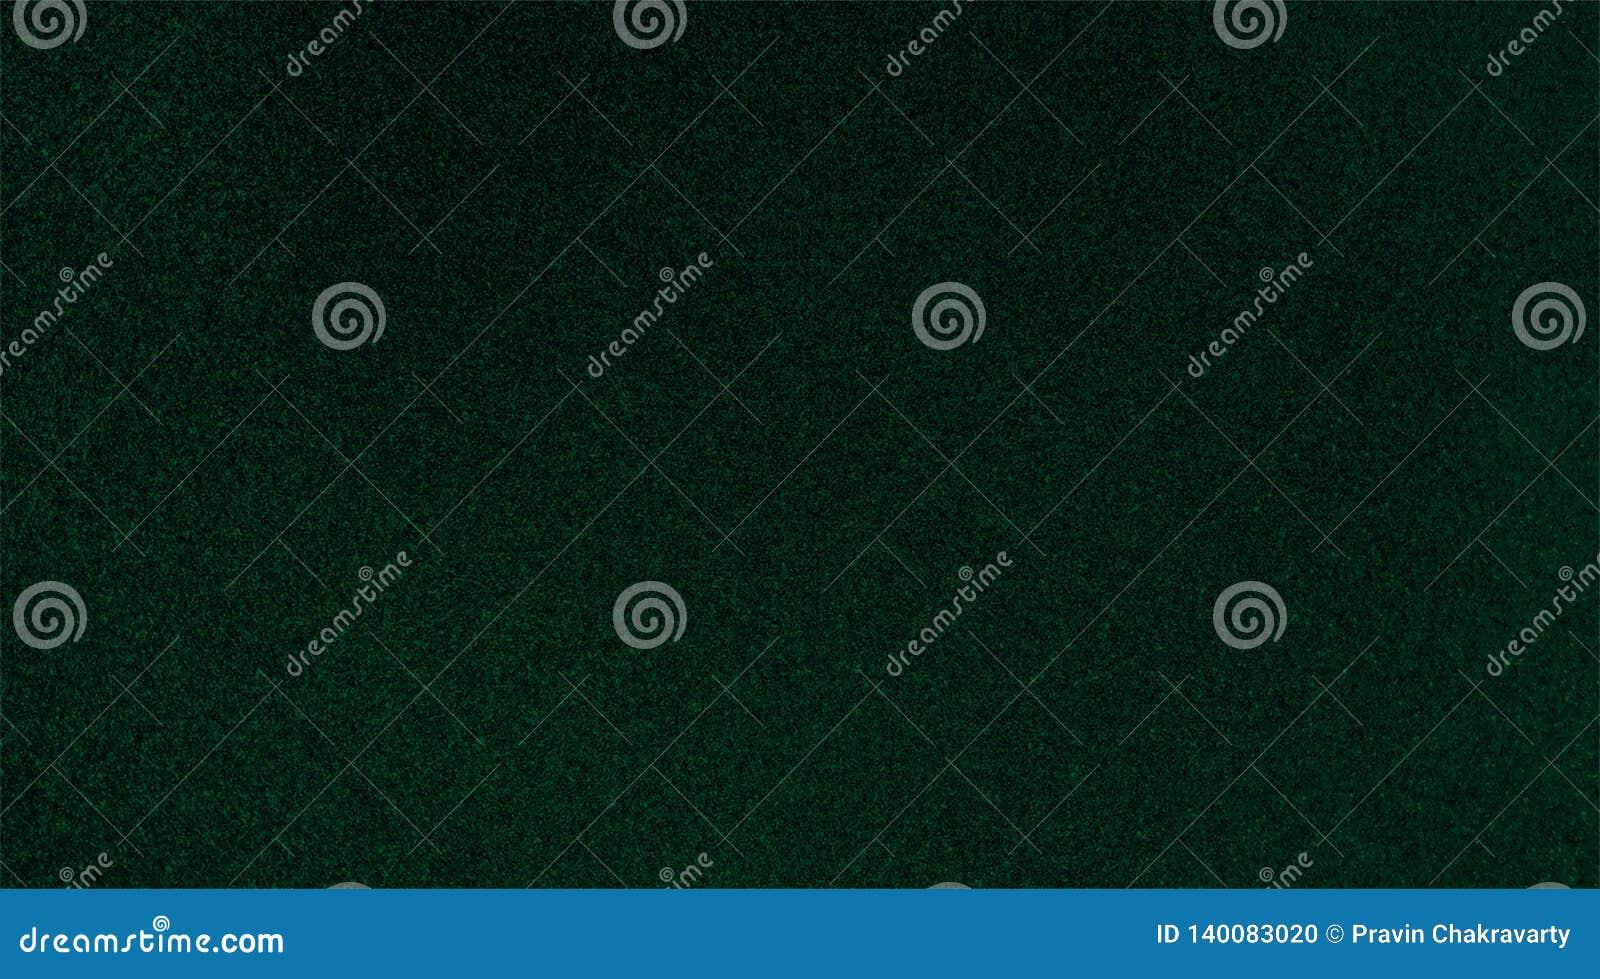 Zusammenfassungsgrün schattierte strukturierten Hintergrund Papierschmutzhintergrundbeschaffenheit Eine Abbildung einer Batikausl